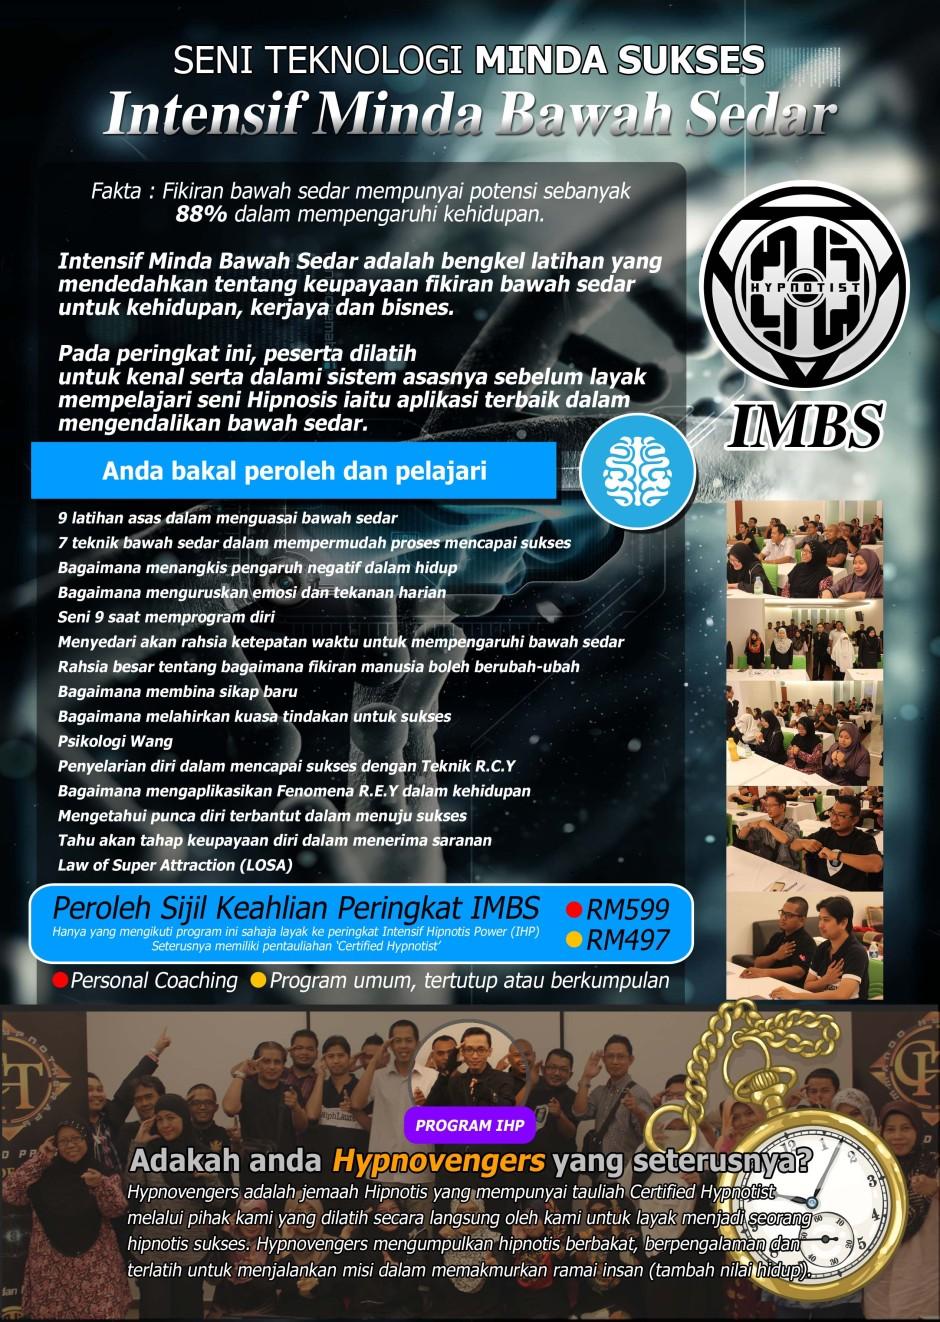 IMBS 2015